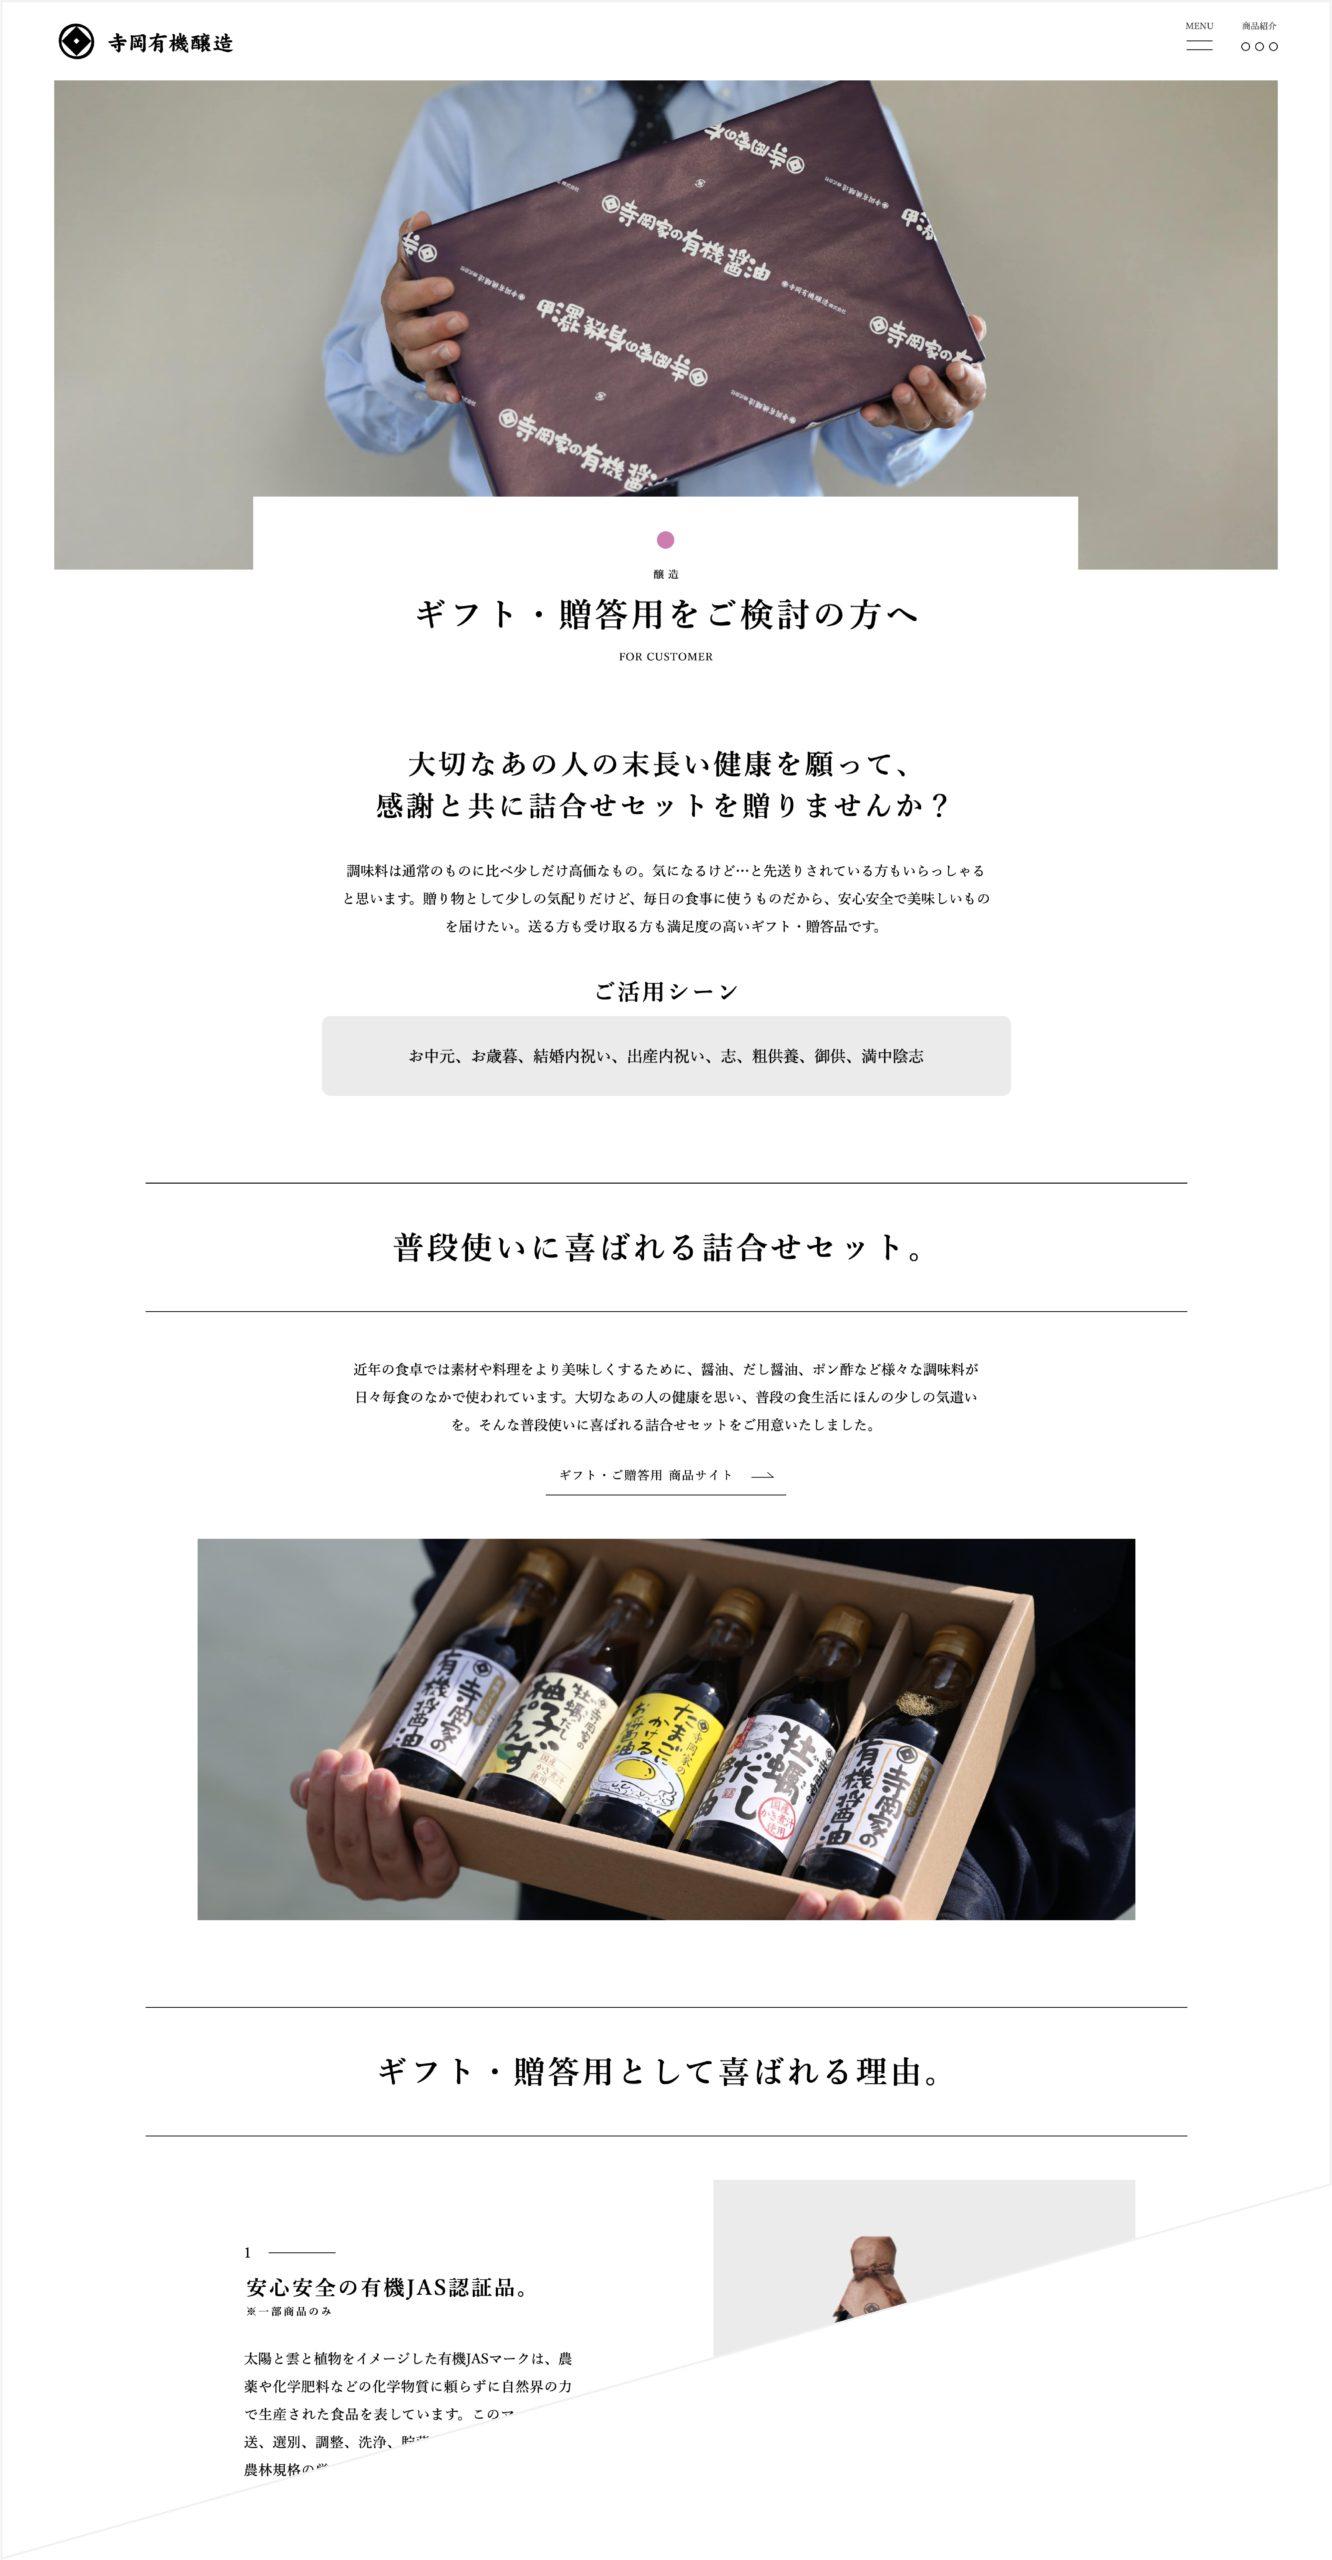 【醸造】ギフト・ご贈答用をご検討の方